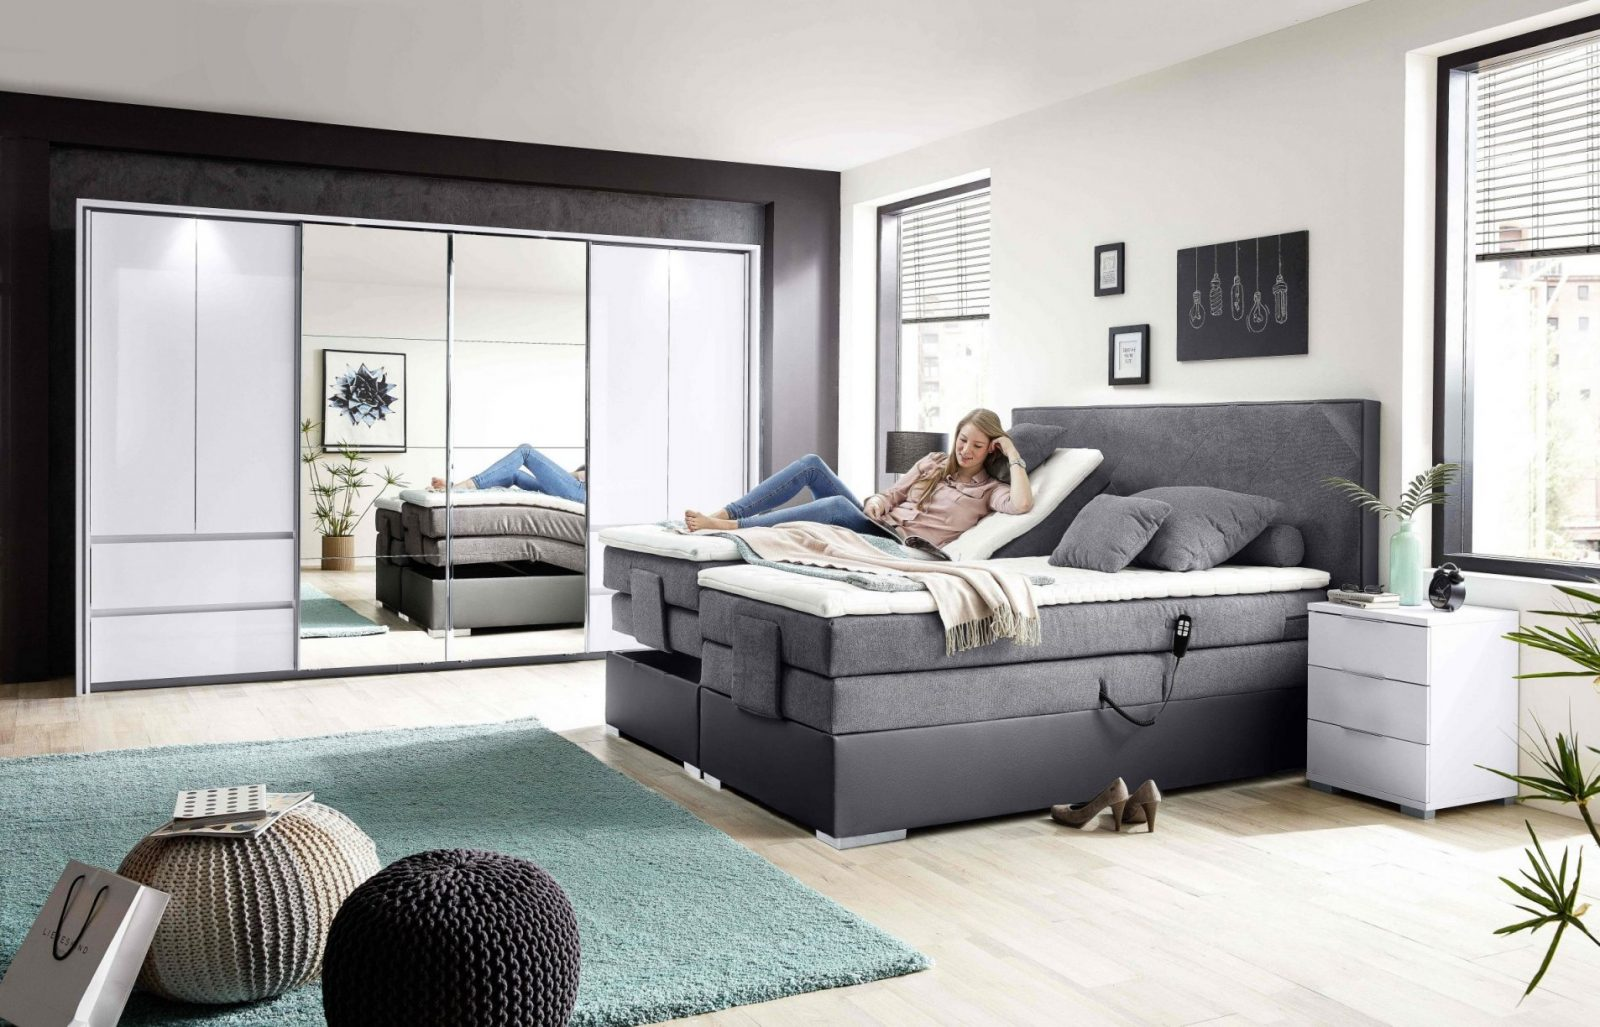 Schlafzimmermöbel Hier Anschauen  Möbel As von Möbel As Bruchsal Angebote Bild